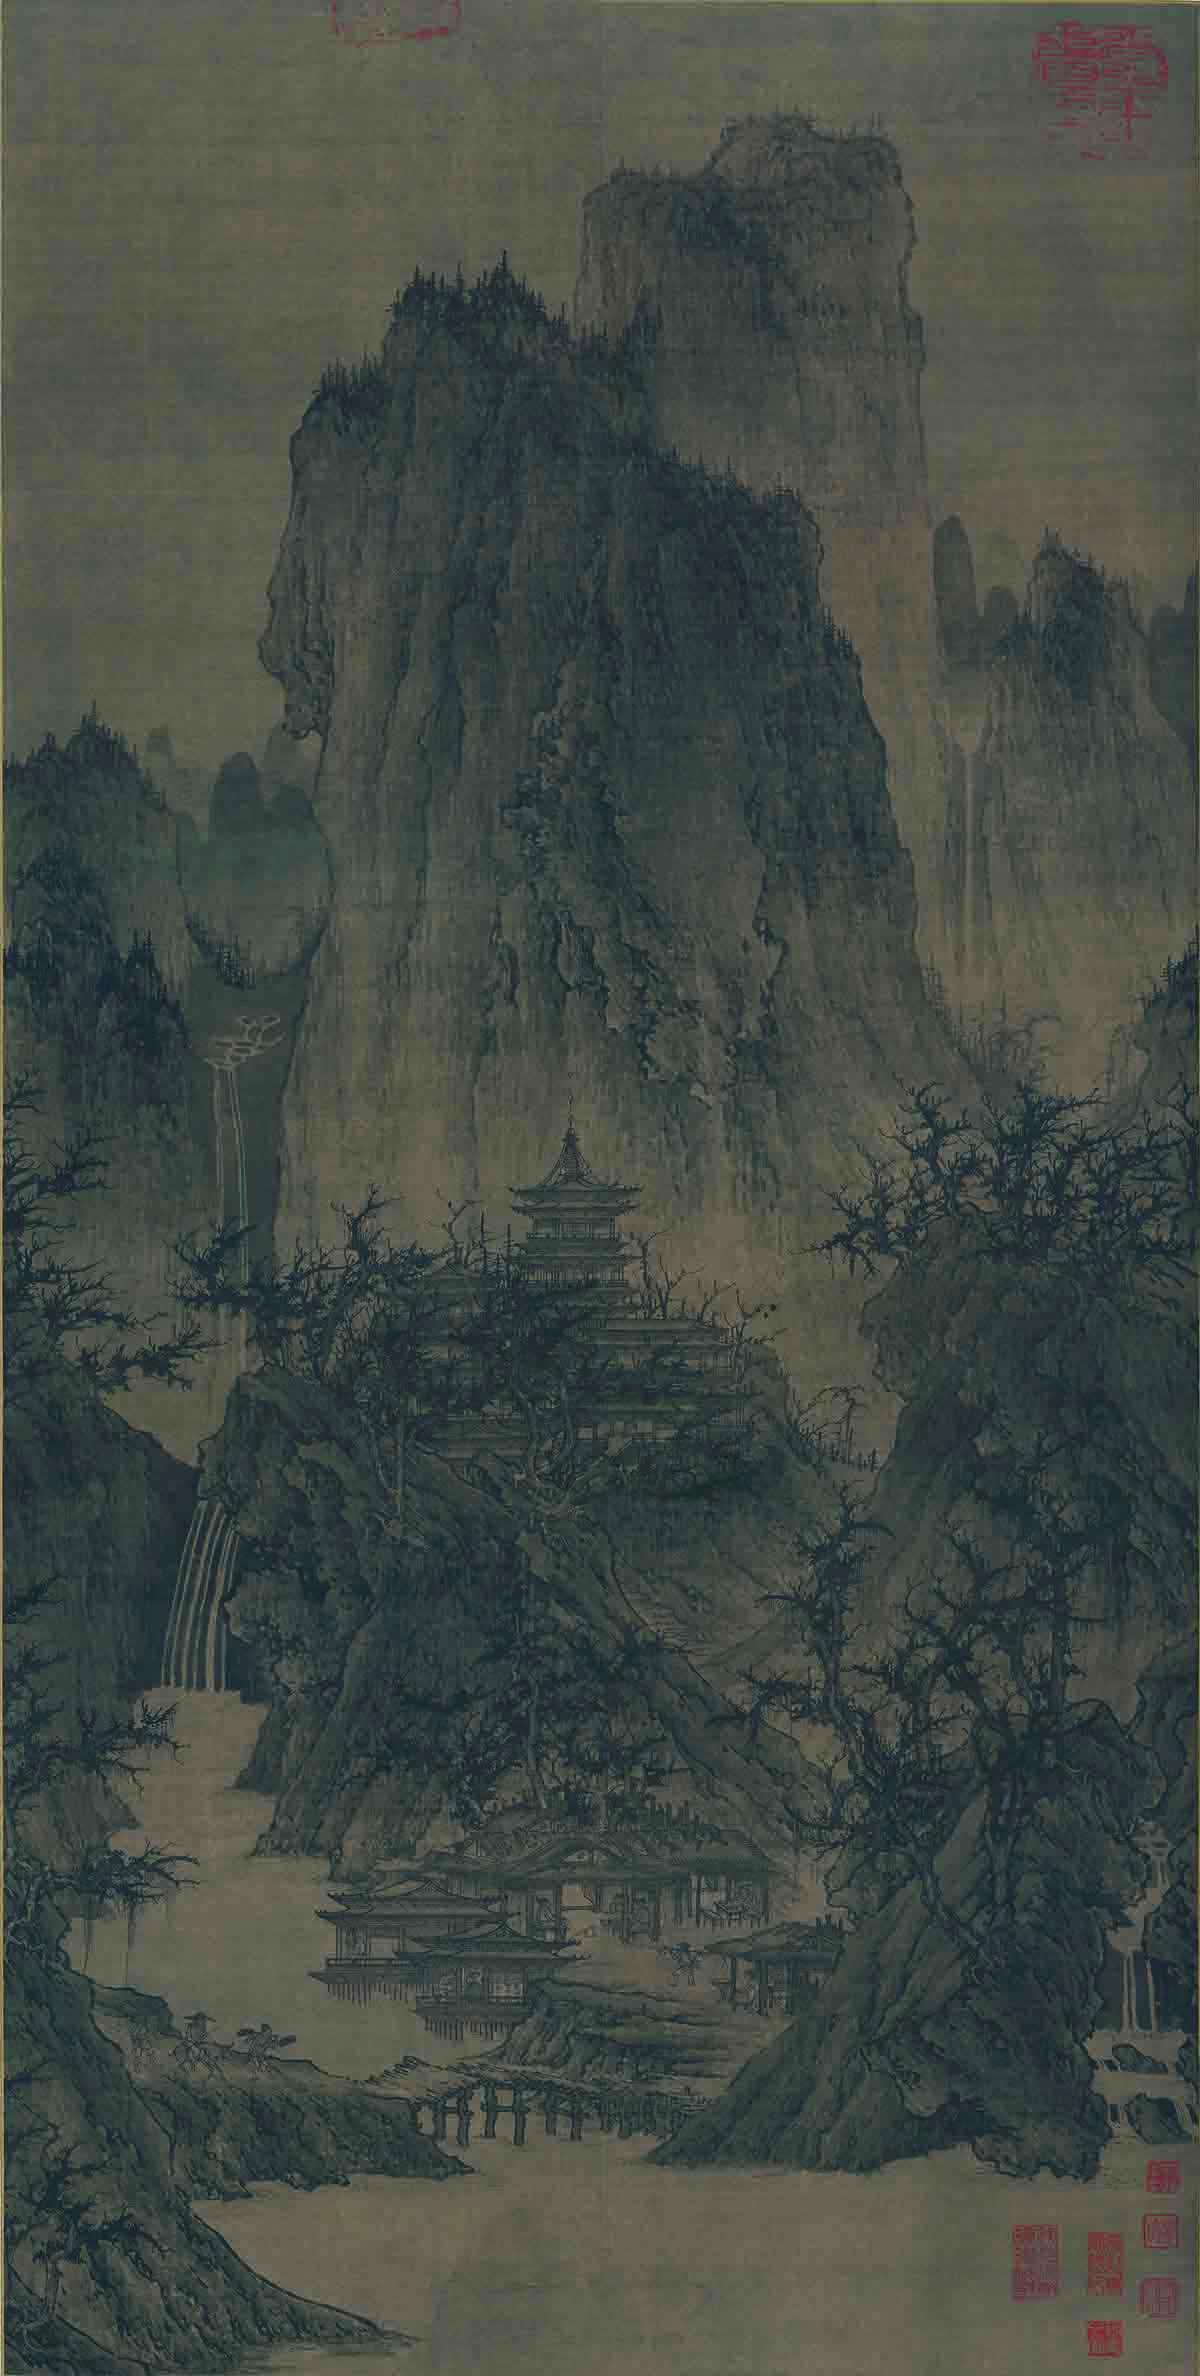 北宋 李成 晴峦萧寺图 绢本56x111.8 美国纳尔逊美术馆